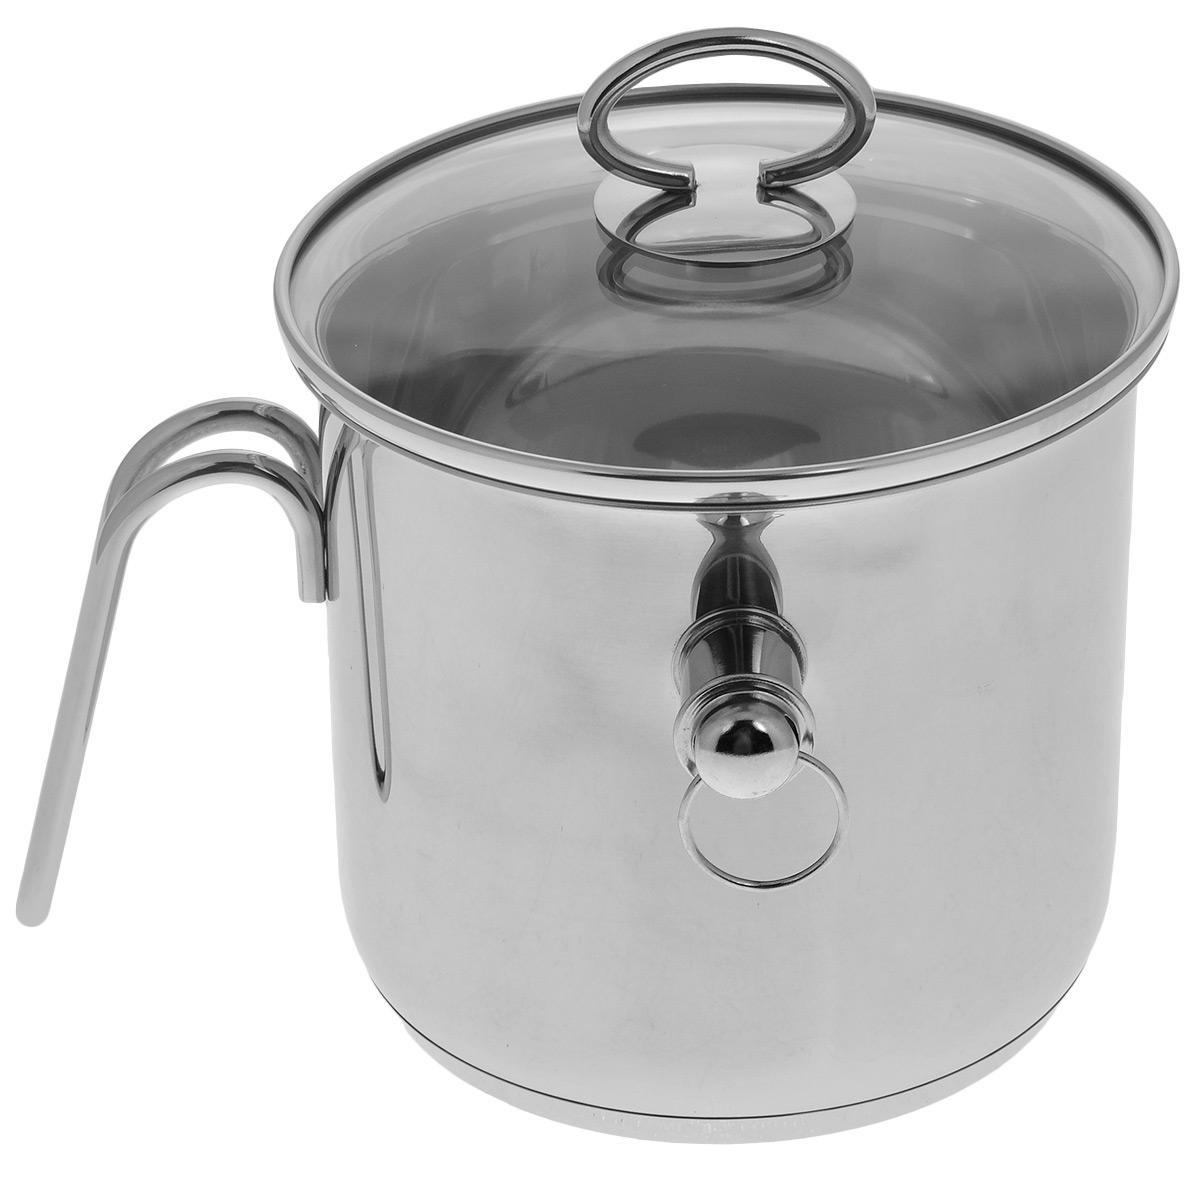 Молоковарка TimA с крышкой, со свистком, 2 лG-16КМолоковарка TimA изготовлена из высококачественной нержавеющей стали марки 18/10. Внешние стенки обладают зеркальным блеском. Молоковарка имеет двойные стенки, между которыми заливается вода. Это исключает подгорание любого продукта. Например, кашу можно готовить без помешивания, так как она никогда не пригорит и не выползет, а молоко не убежит. В такой посуде можно готовить без помешивания любые соусы, кремы, заваривать травяные настои, топить шоколад, мед, масло. Съемный свисток громко известит о закипании жидкости внутри молоковарки. Изделие оснащено ручкой из нержавеющей стали эргономичной формы, которая надежно крепится к стенке, и стеклянной крышкой. Можно использовать на всех видах кухонных плит - электрических, газовых, со стеклянными и керамическими поверхностями, в том числе и на индукционных. Можно мыть в посудомоечной машине.Высота стенки: 15 см. Толщина стенки: 6 мм. Диаметр (по верхнему краю): 16 см.